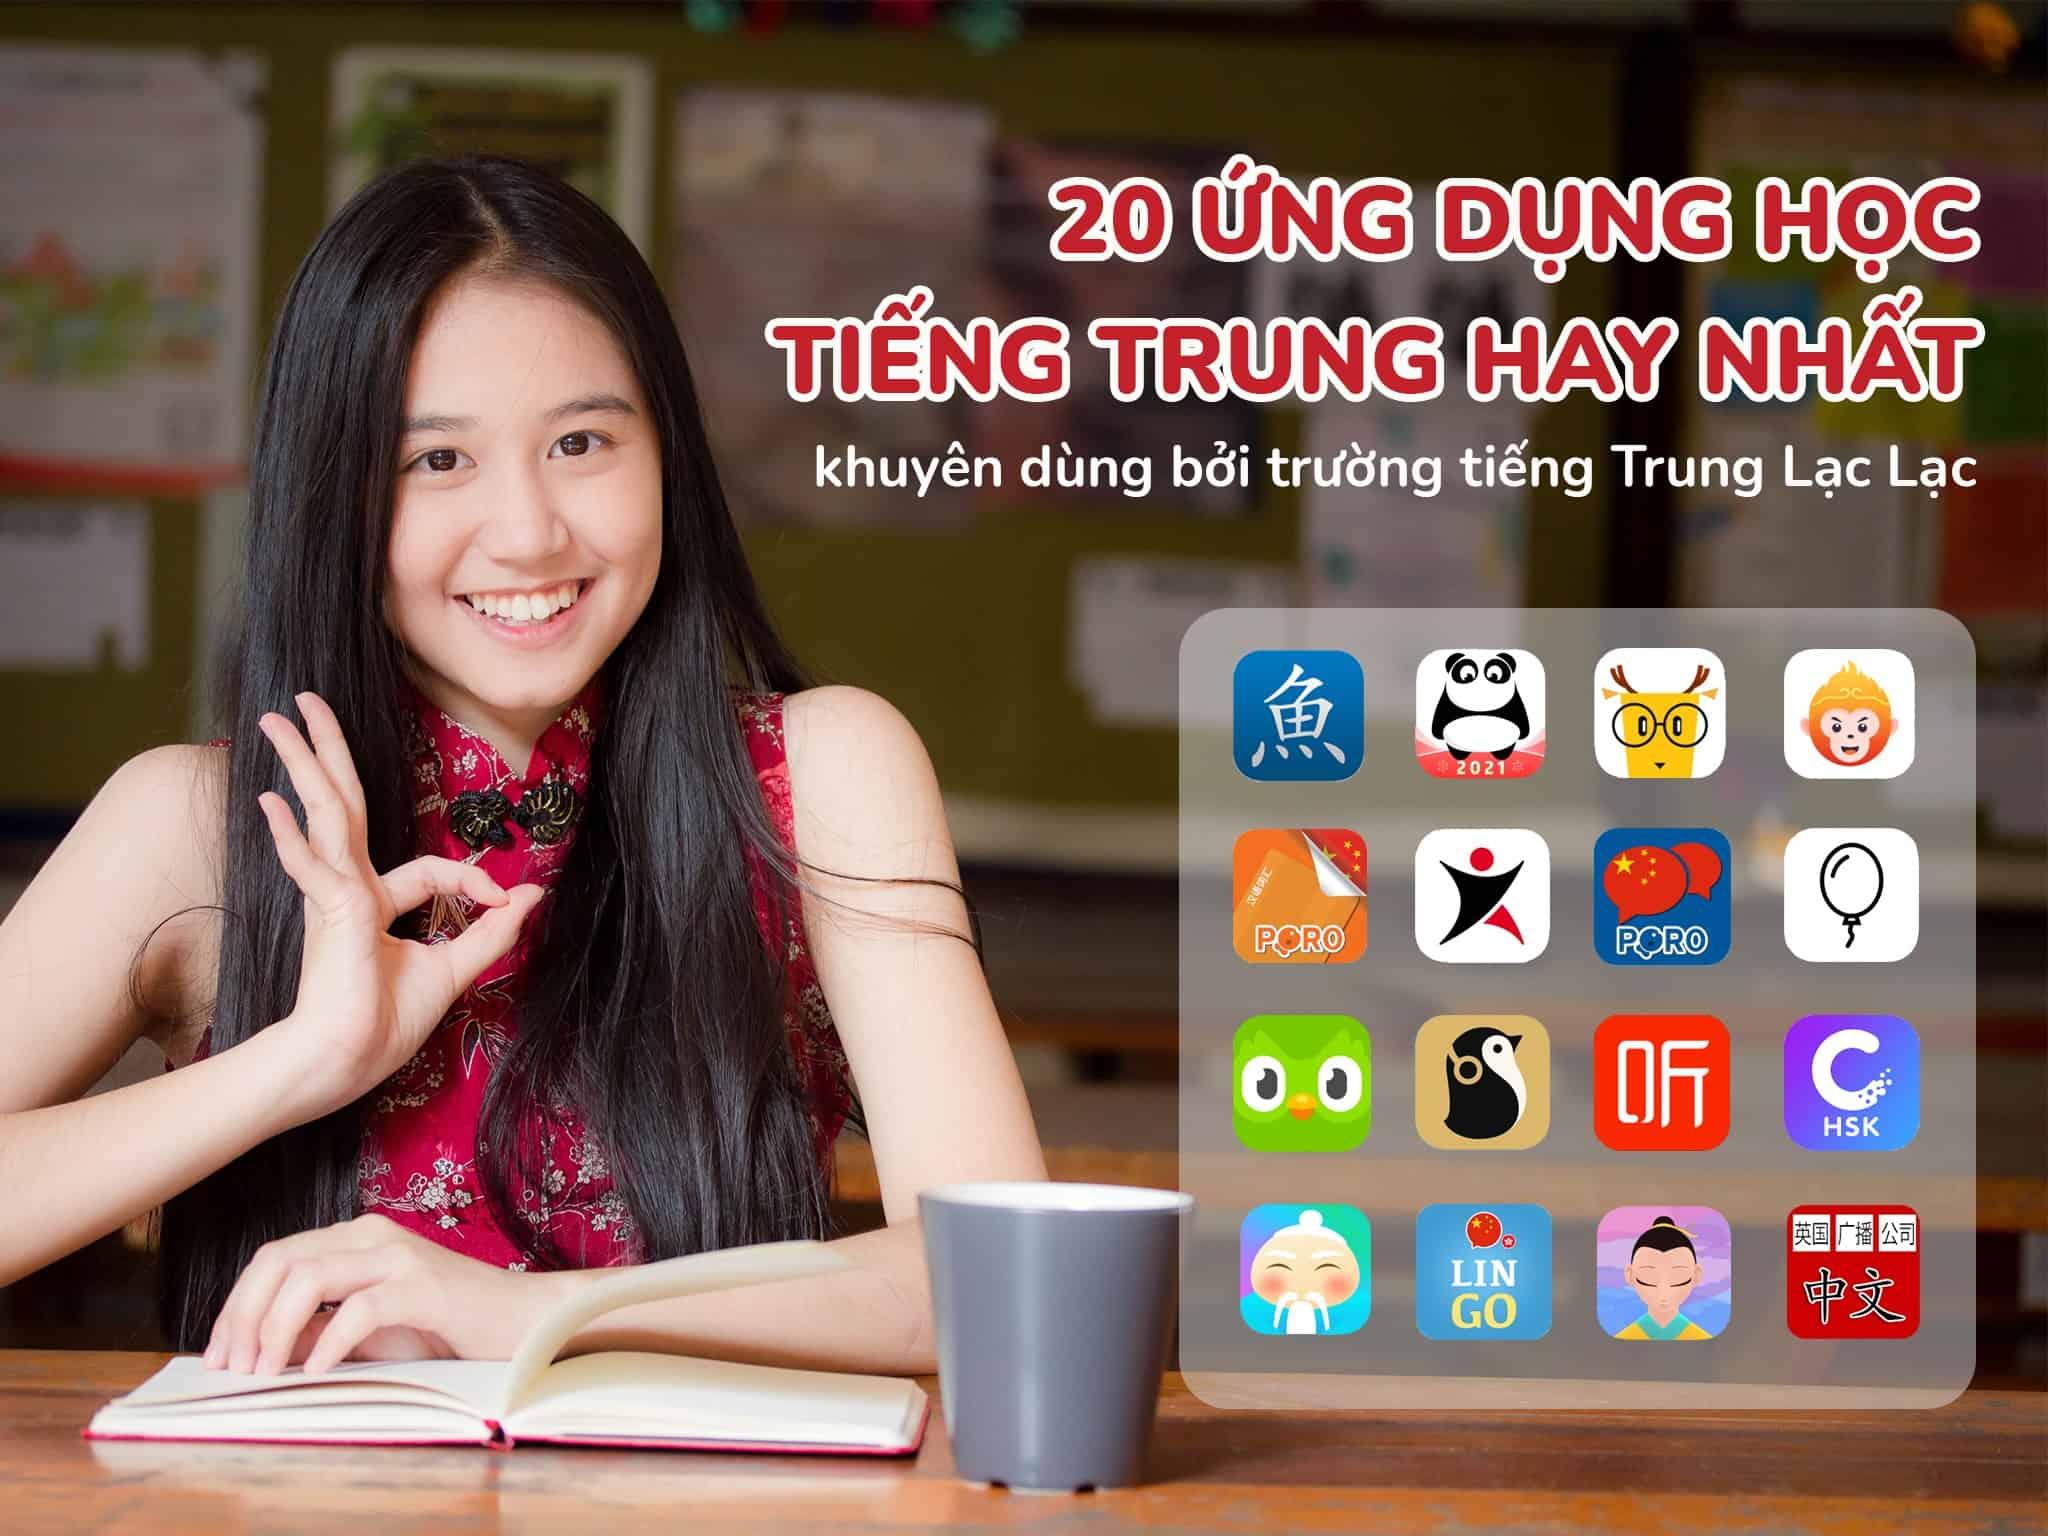 Ứng dụng học tiếng Trung hay nhất bạn nhất định phải biết